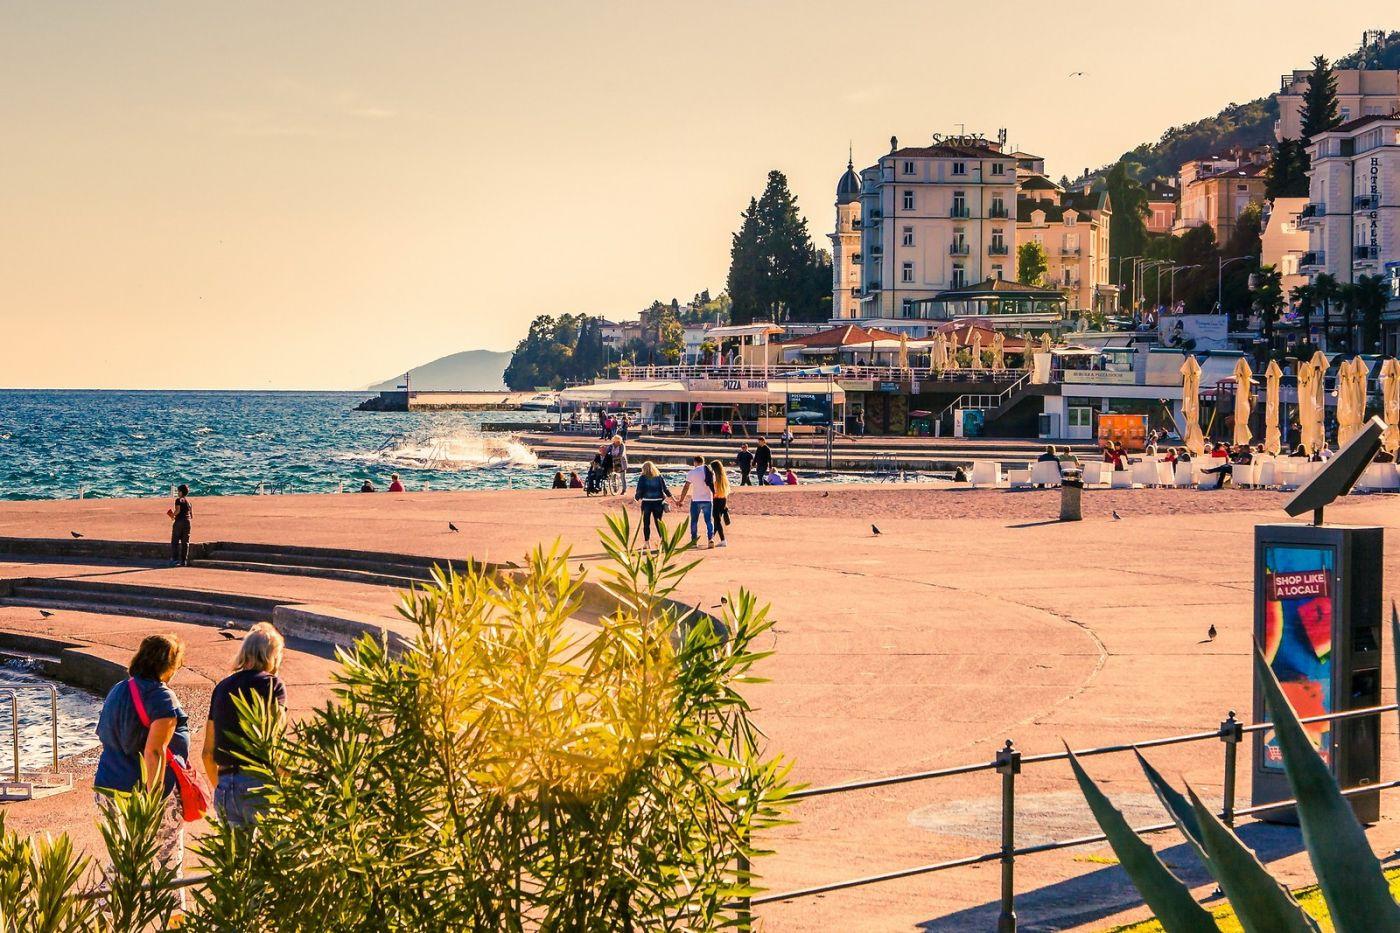 克罗地亚奥帕蒂亚(Opatija),洒满阳光的海滨城市_图1-27